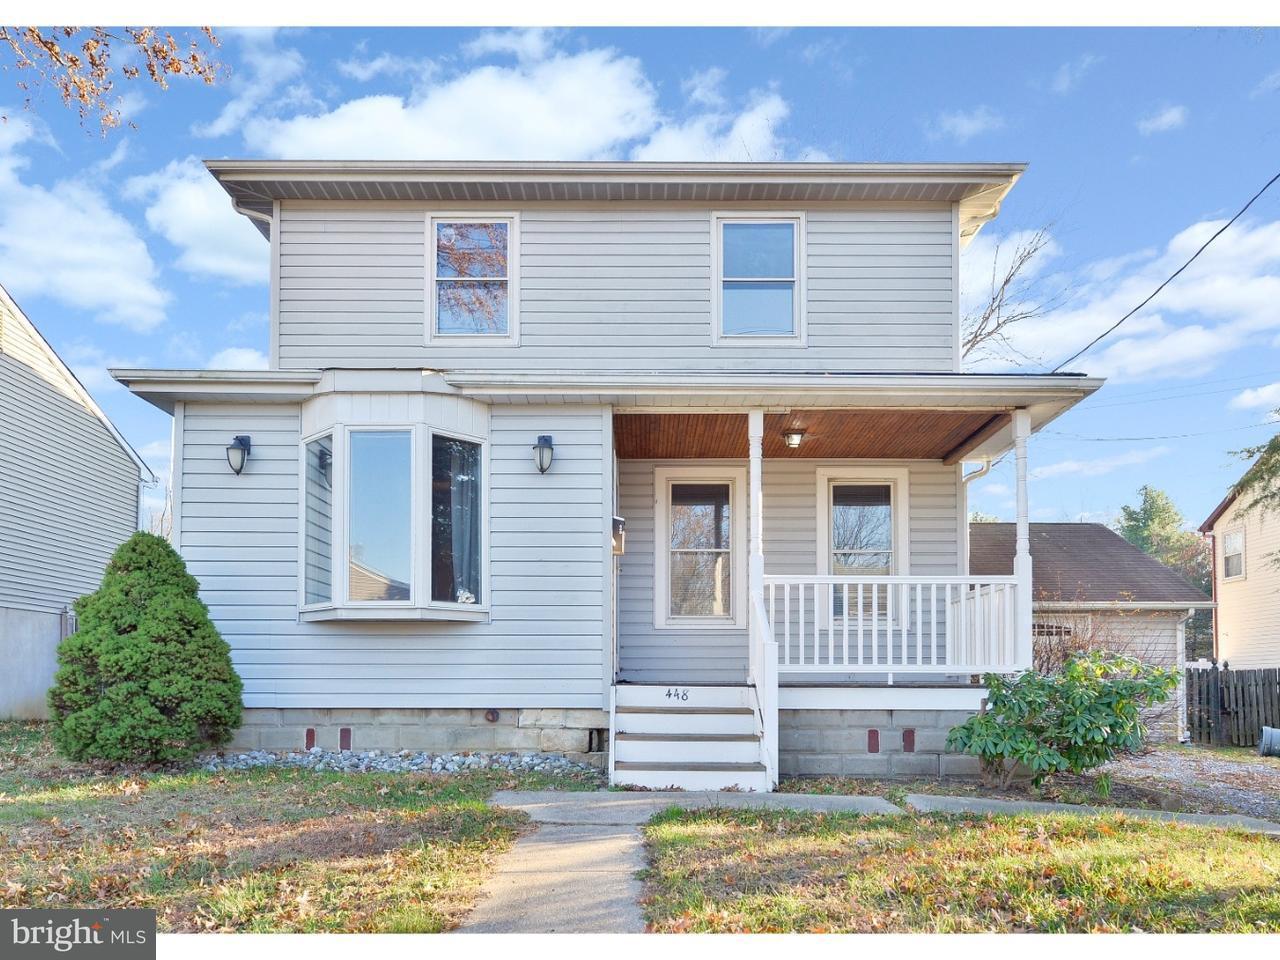 Частный односемейный дом для того Продажа на 448 ROBERTS Avenue Bellmawr, Нью-Джерси 08031 Соединенные Штаты